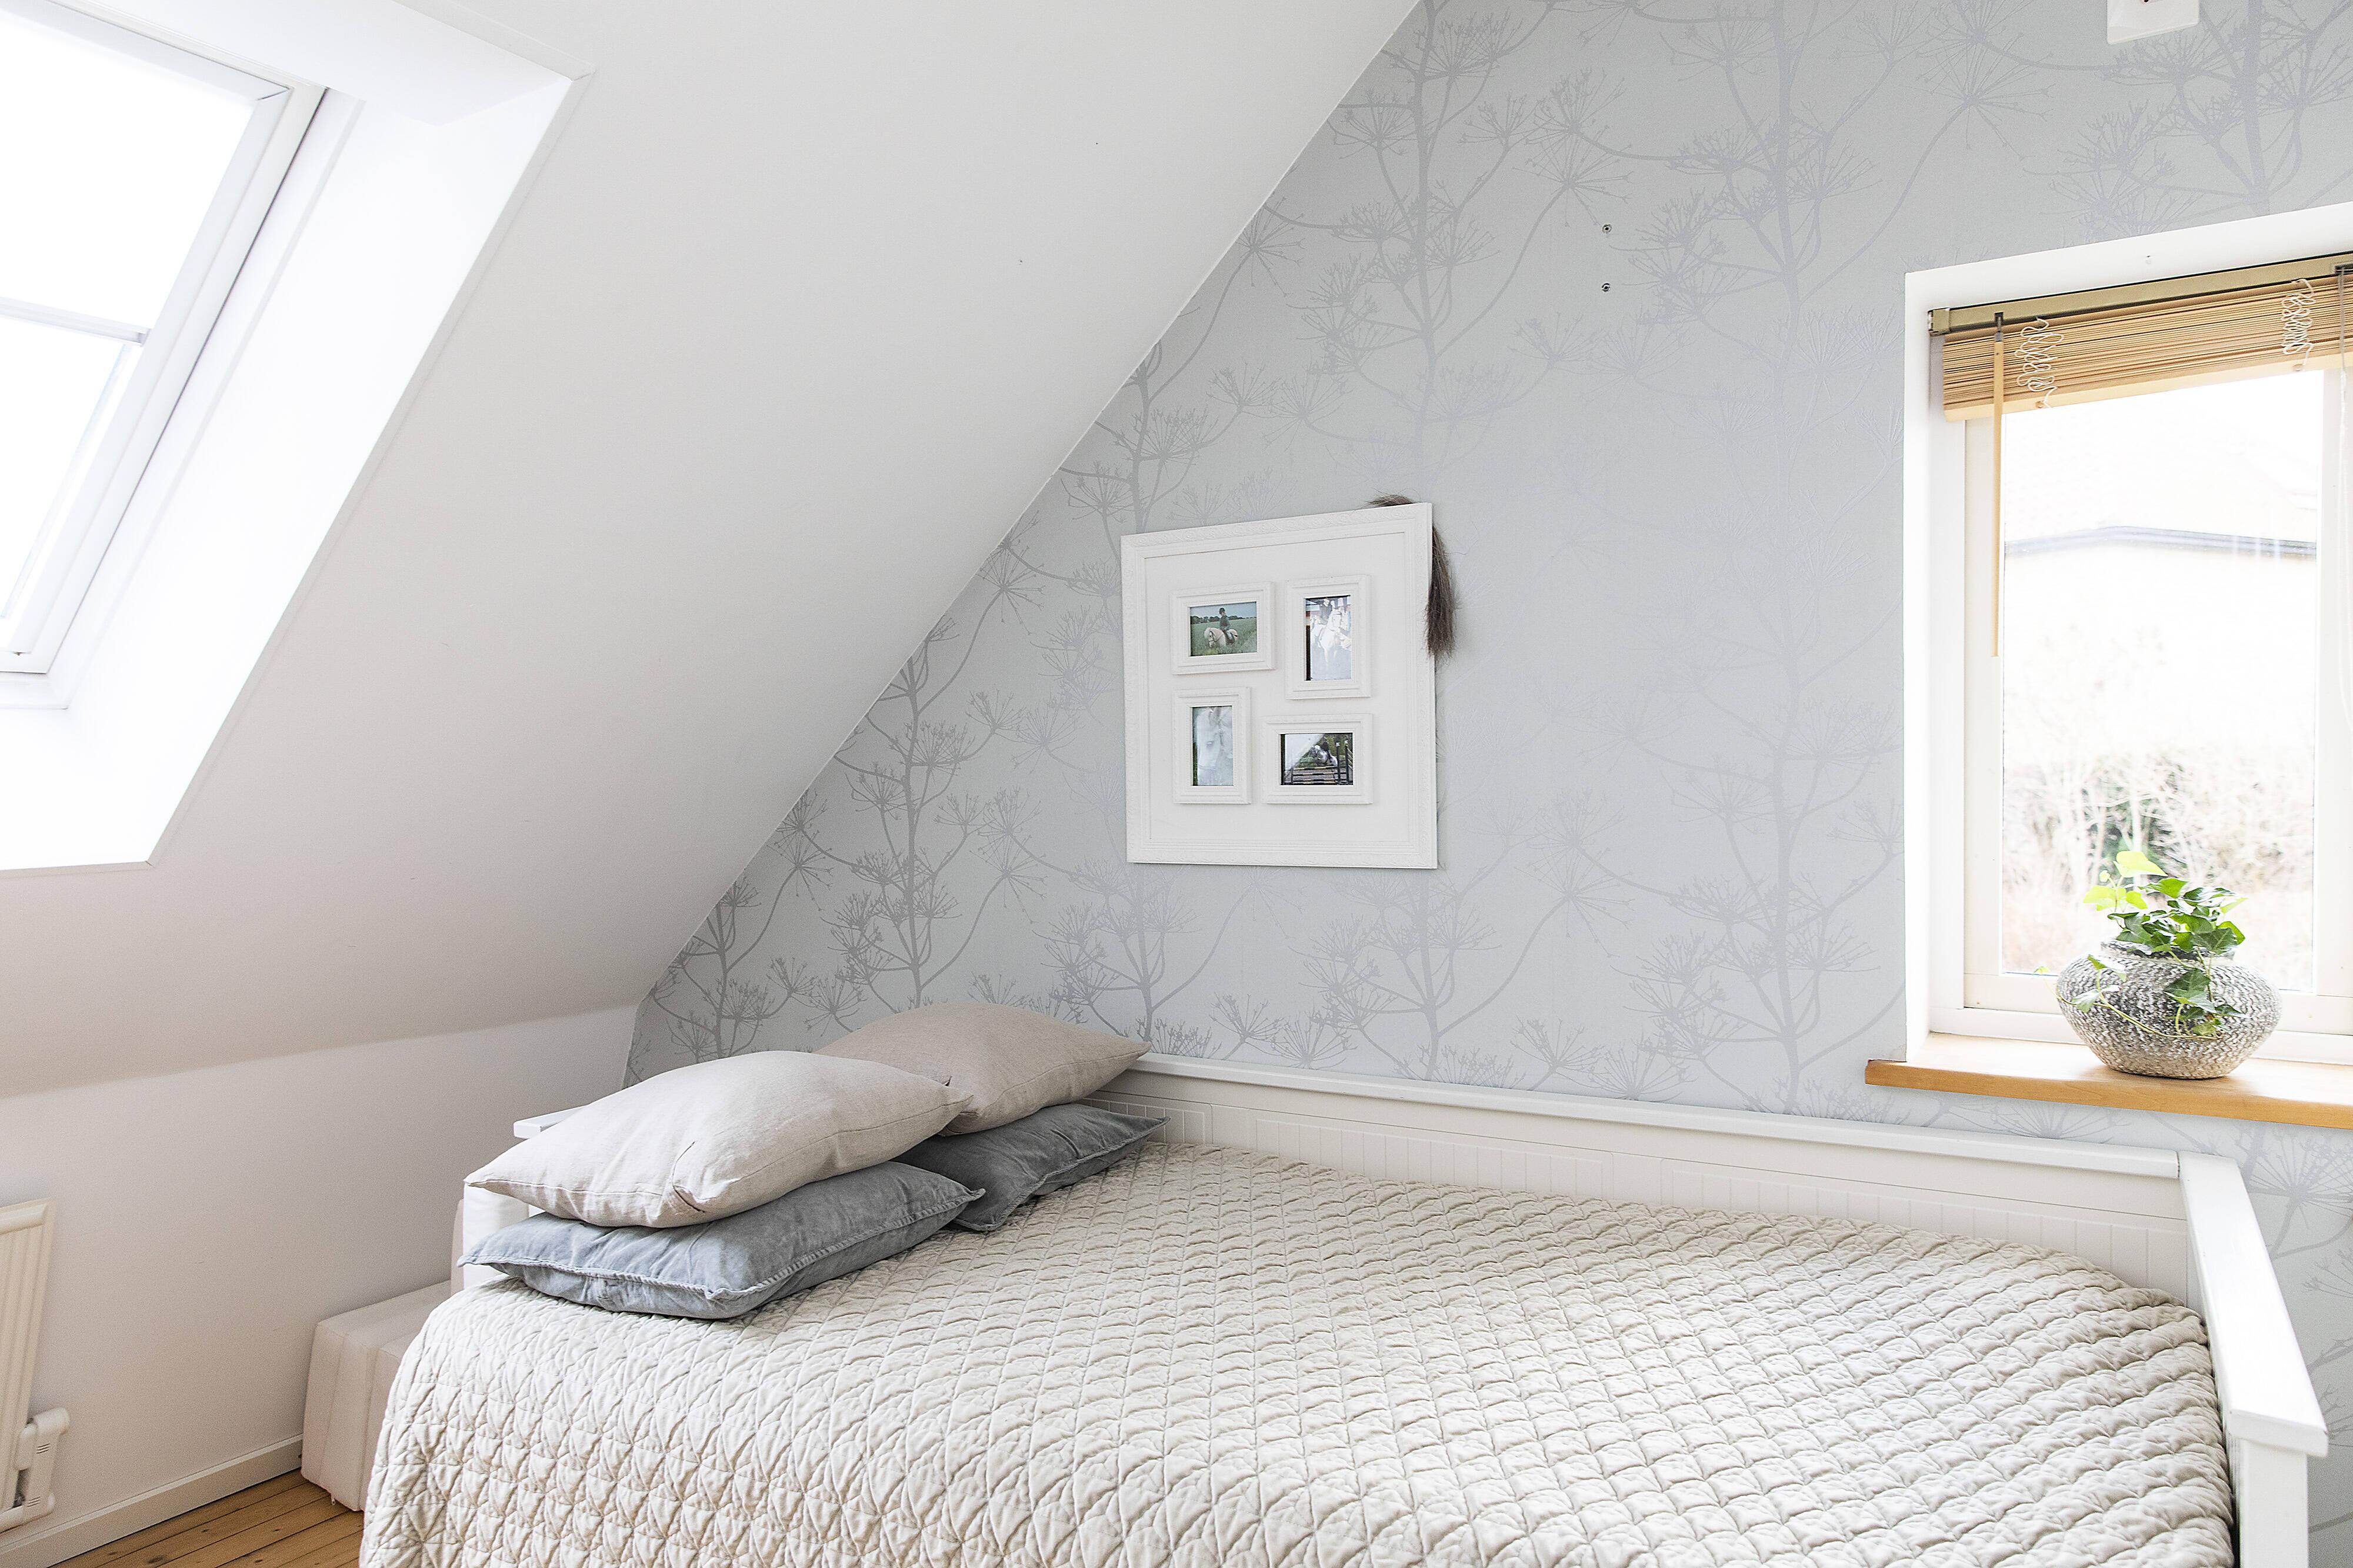 sovrum med takfönster och infälld belysning i takbjälke